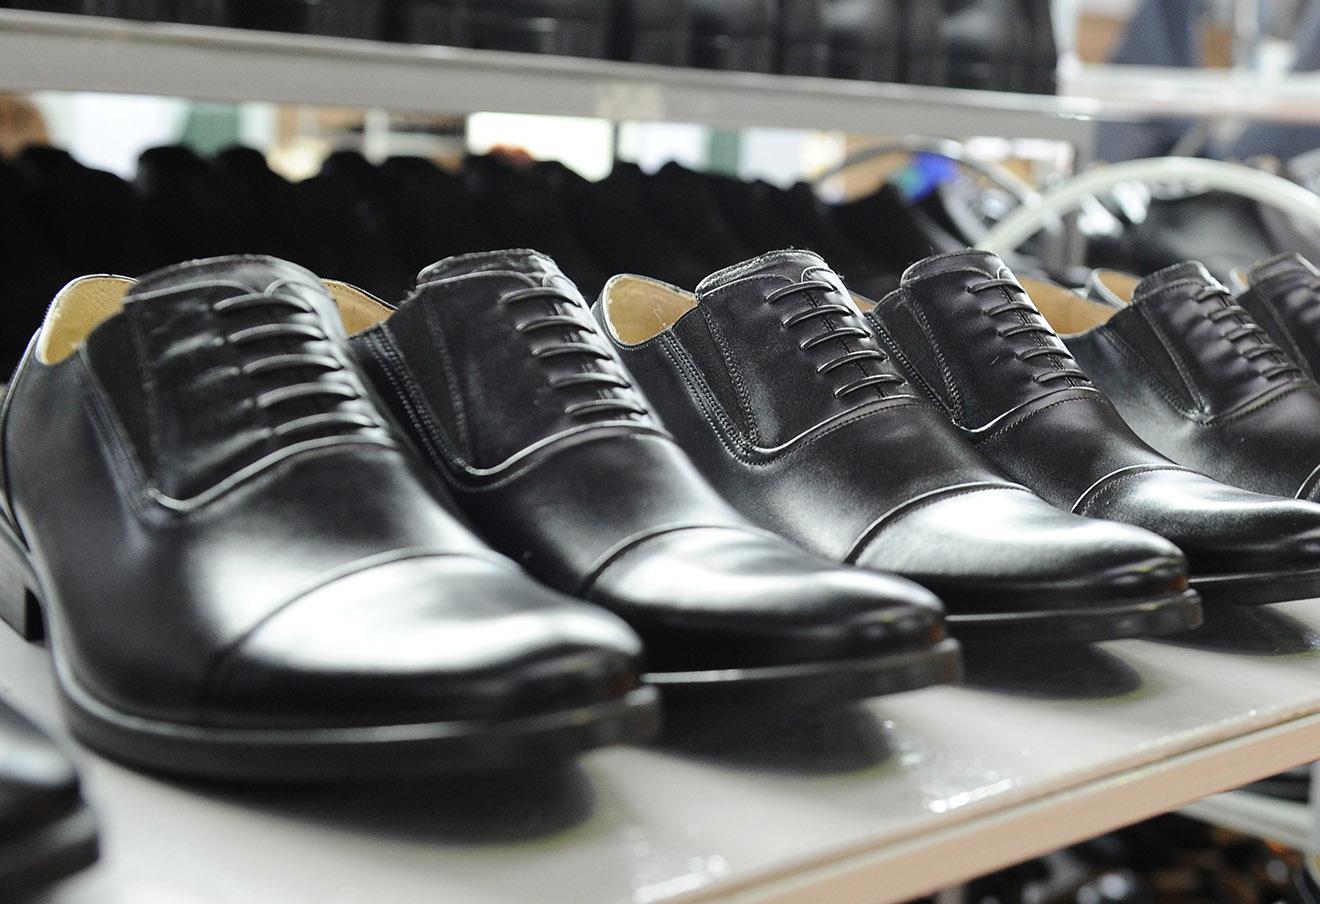 Обувь специального назначения для личного состава МВД, Министерства обороны, МЧС, ФСБ и Роскосмоса.